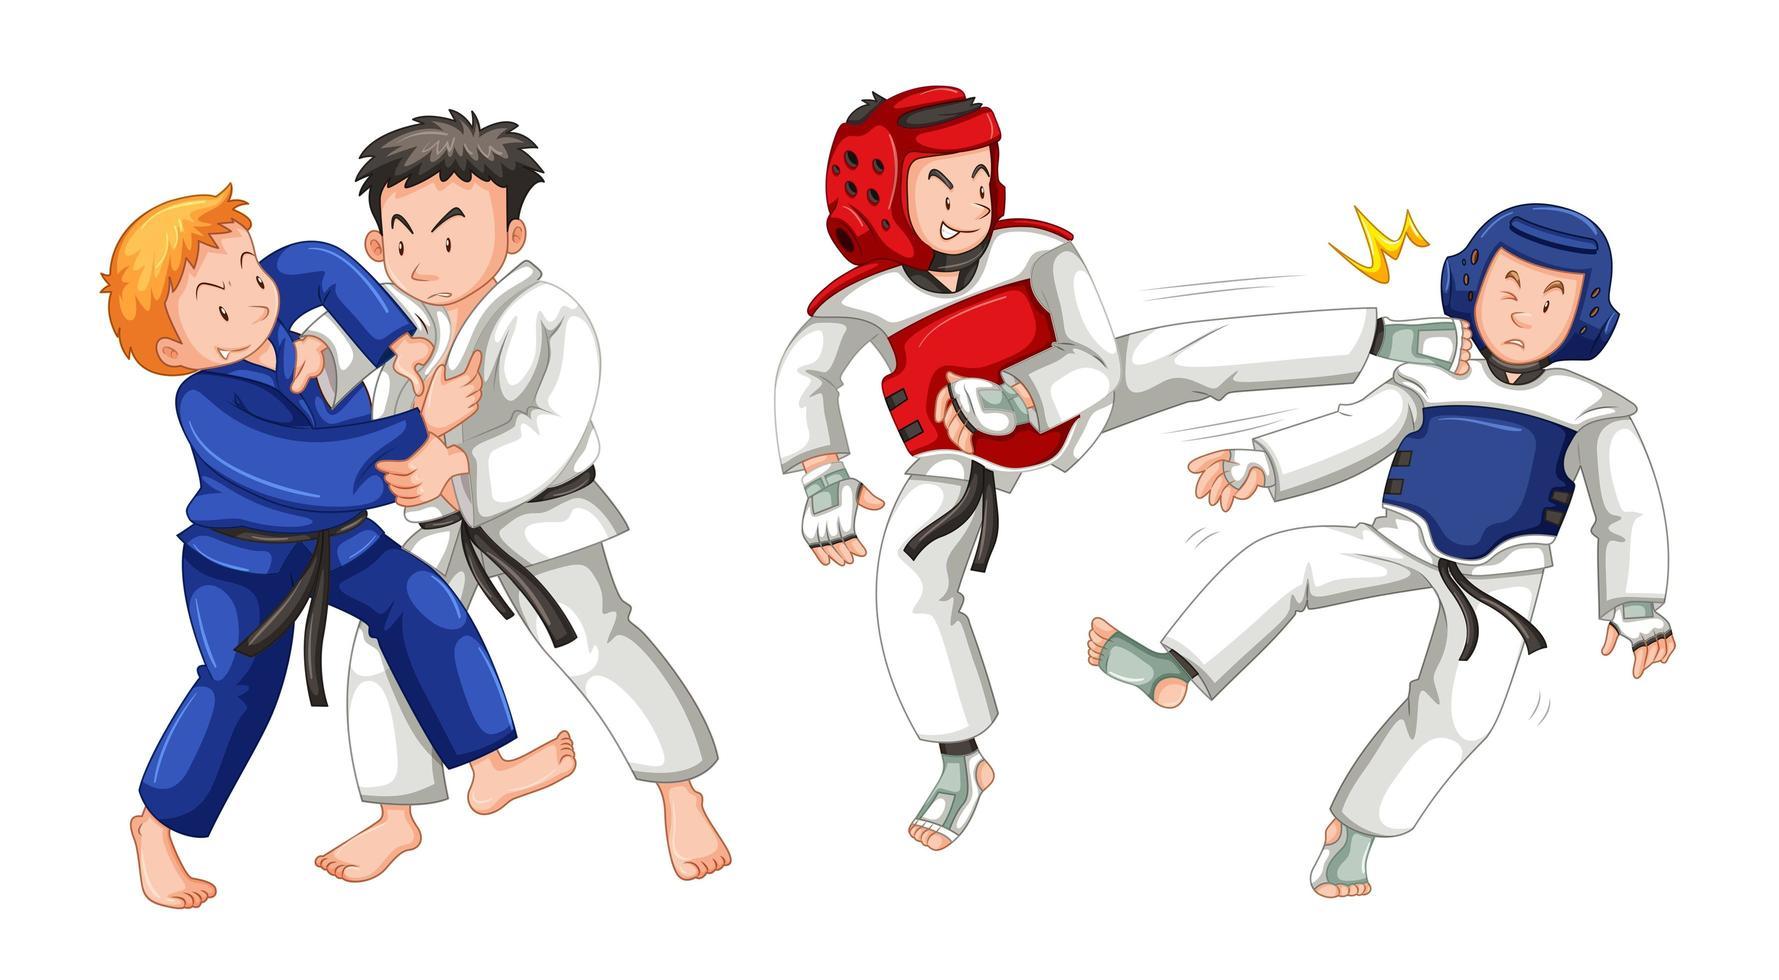 ensemble d'arts martiaux de dessin animé vecteur